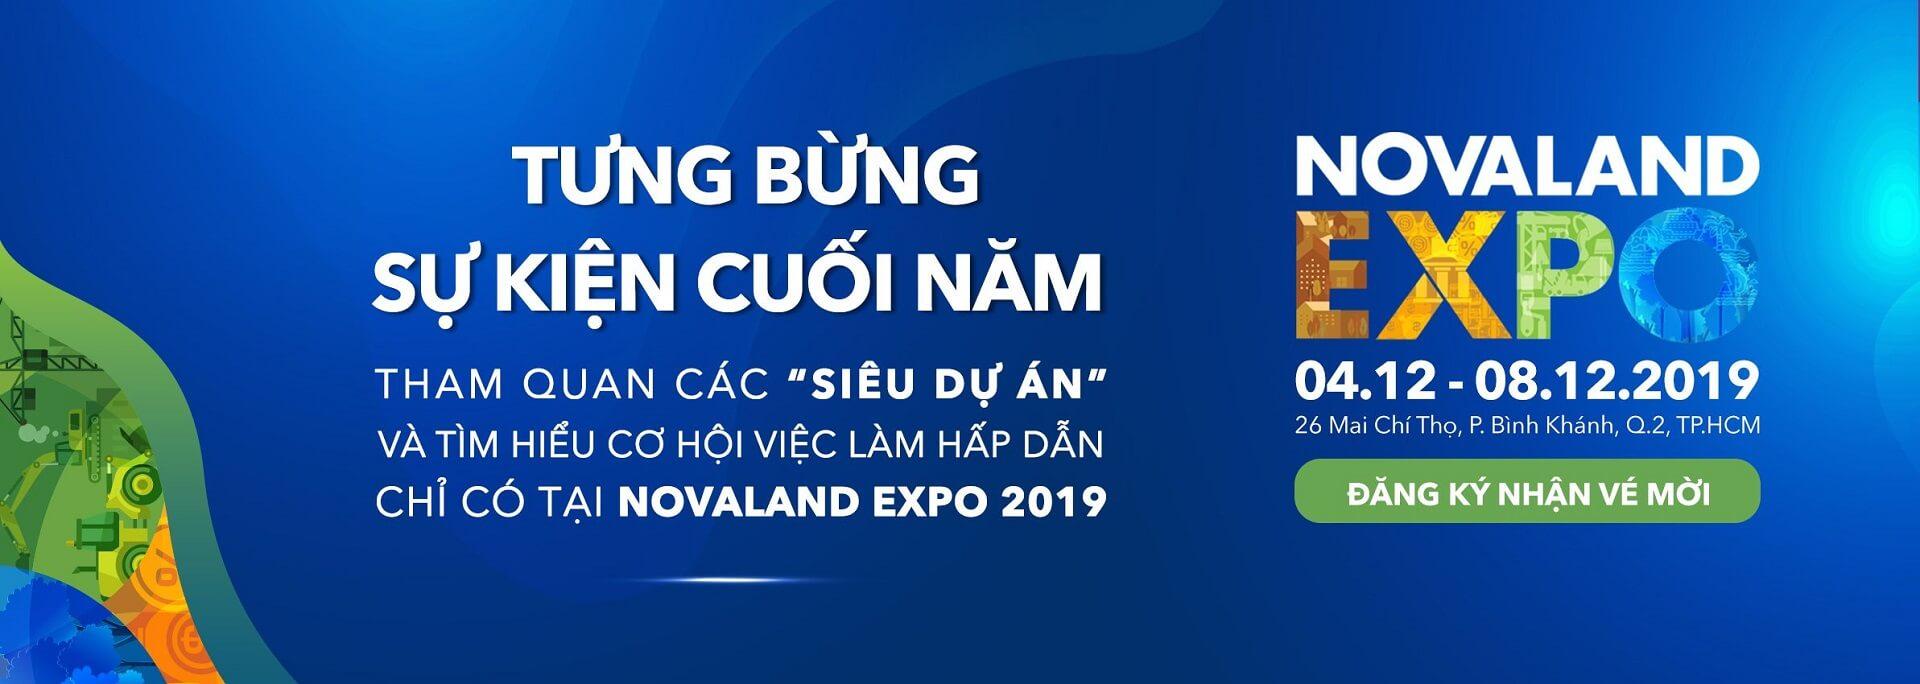 Sự kiện Novaland Expo 2019